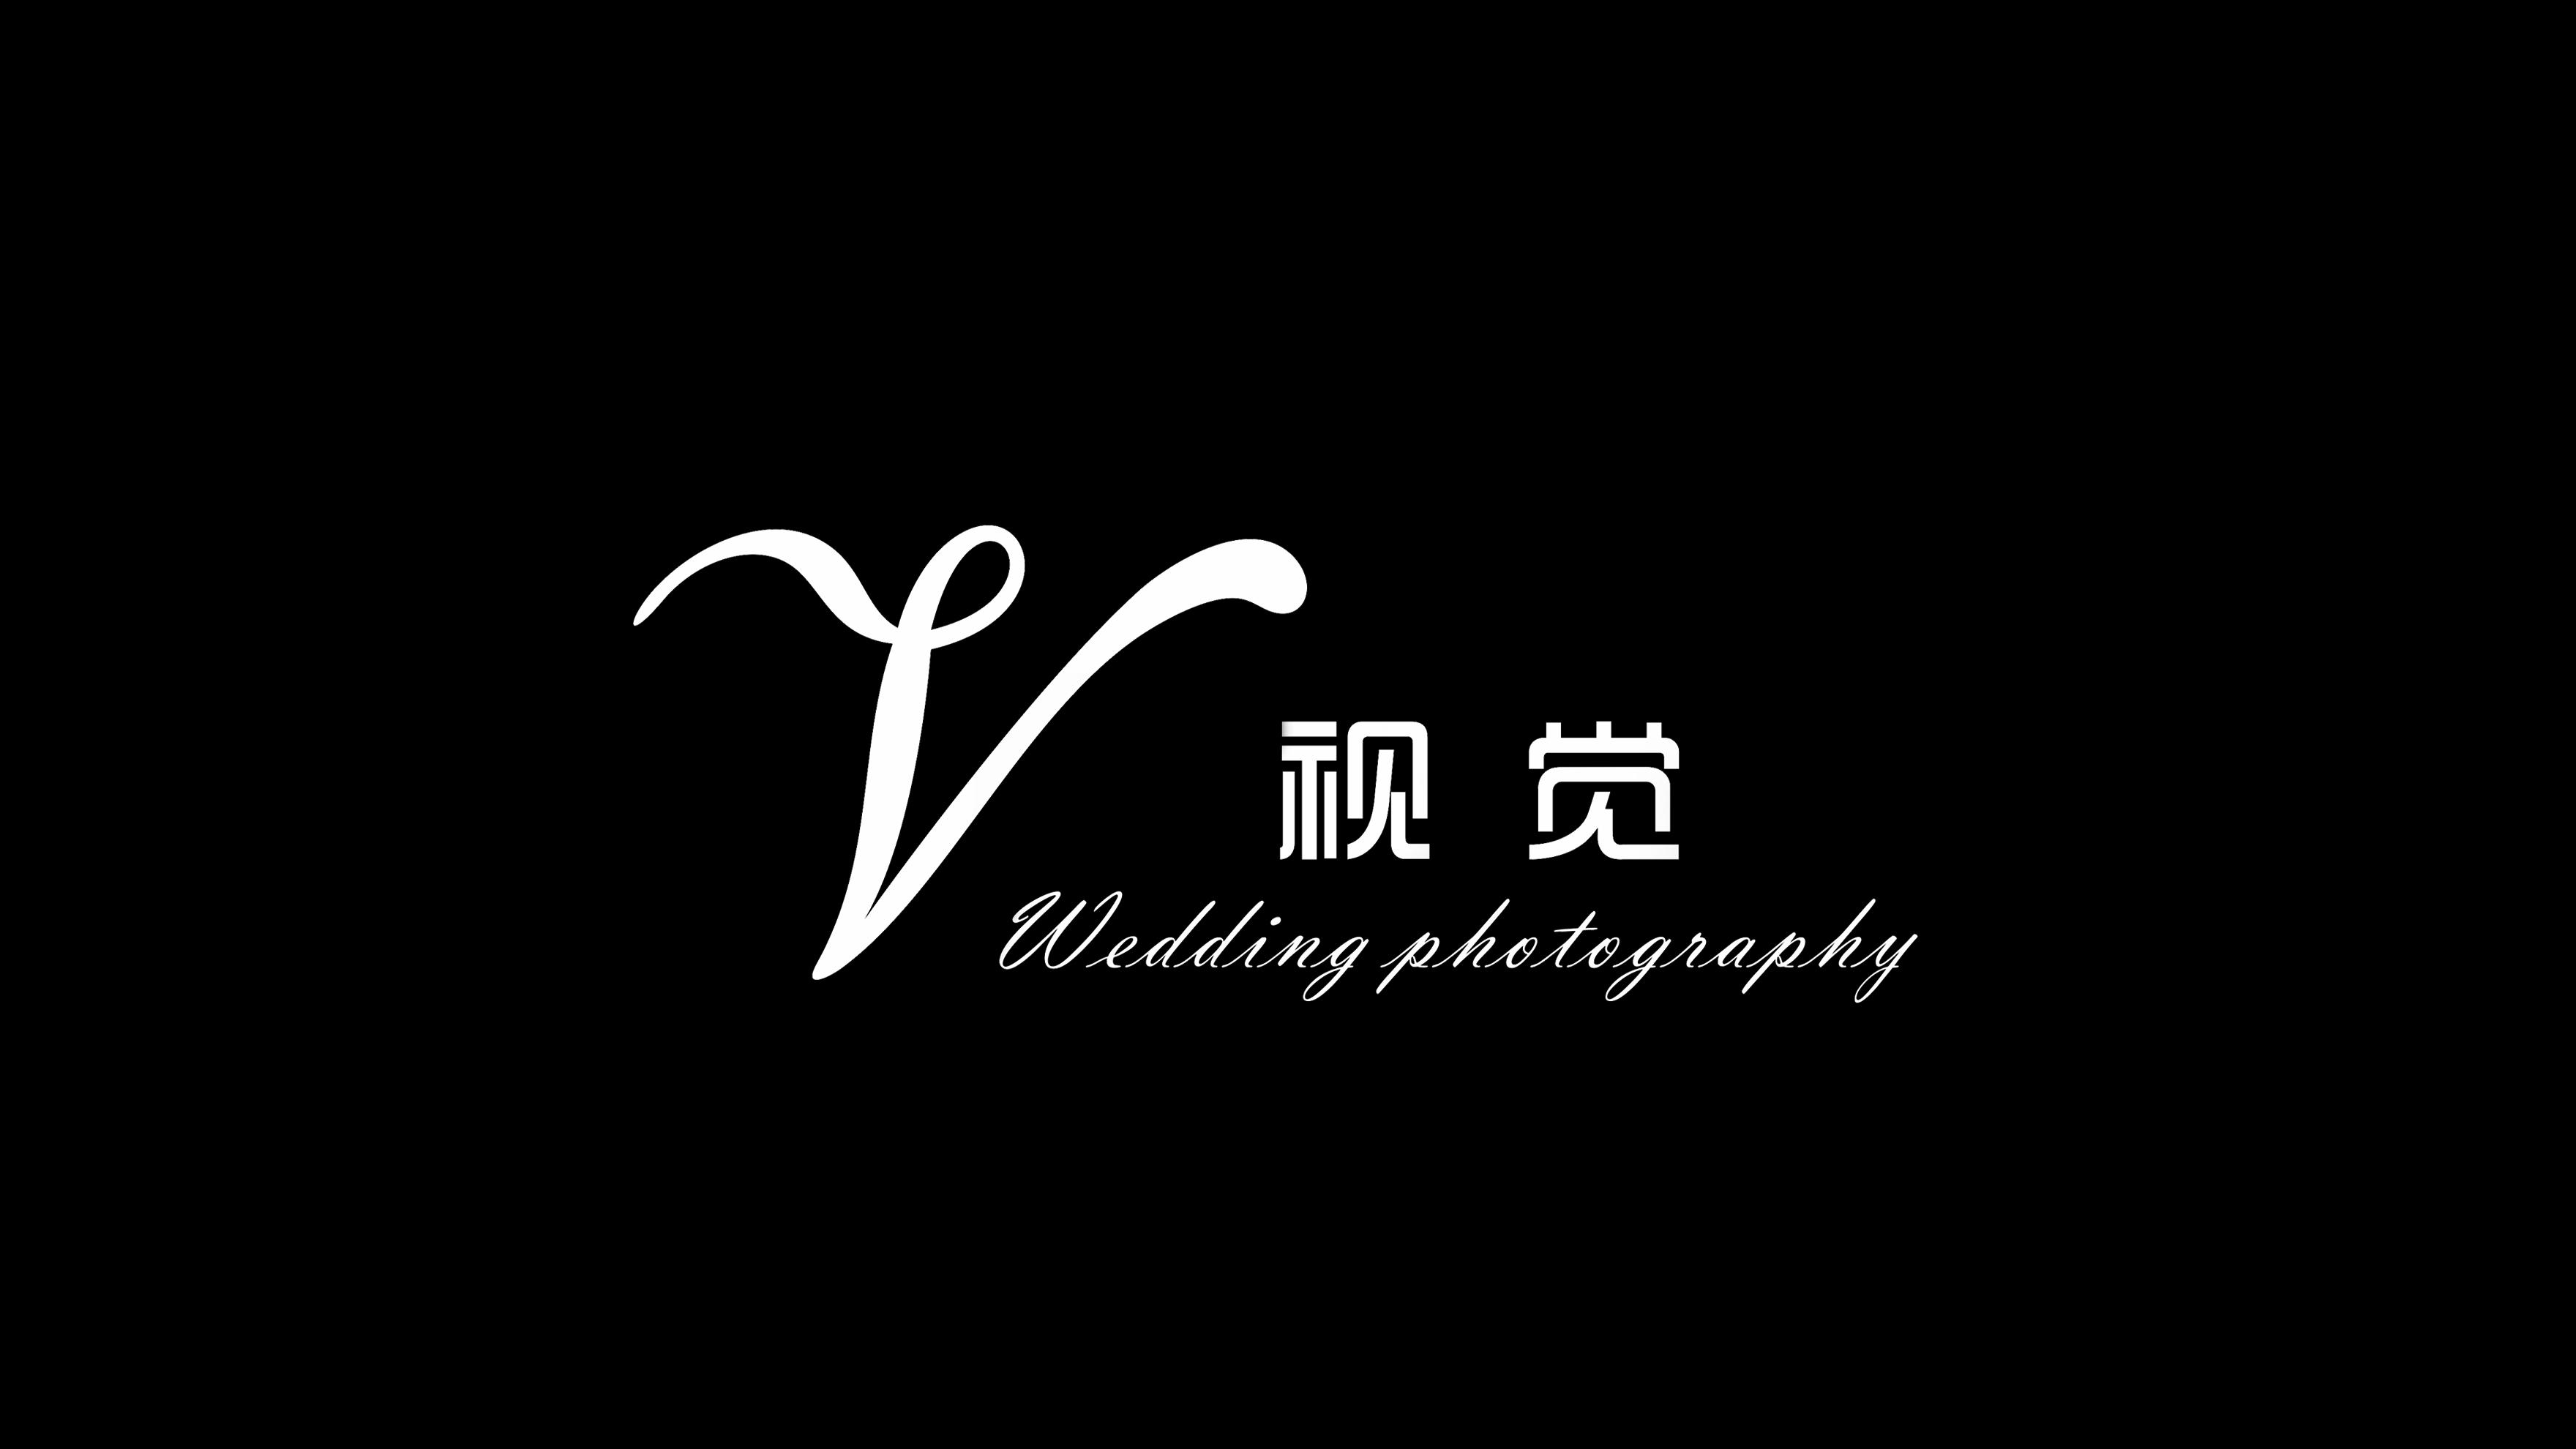 V视觉婚礼影像